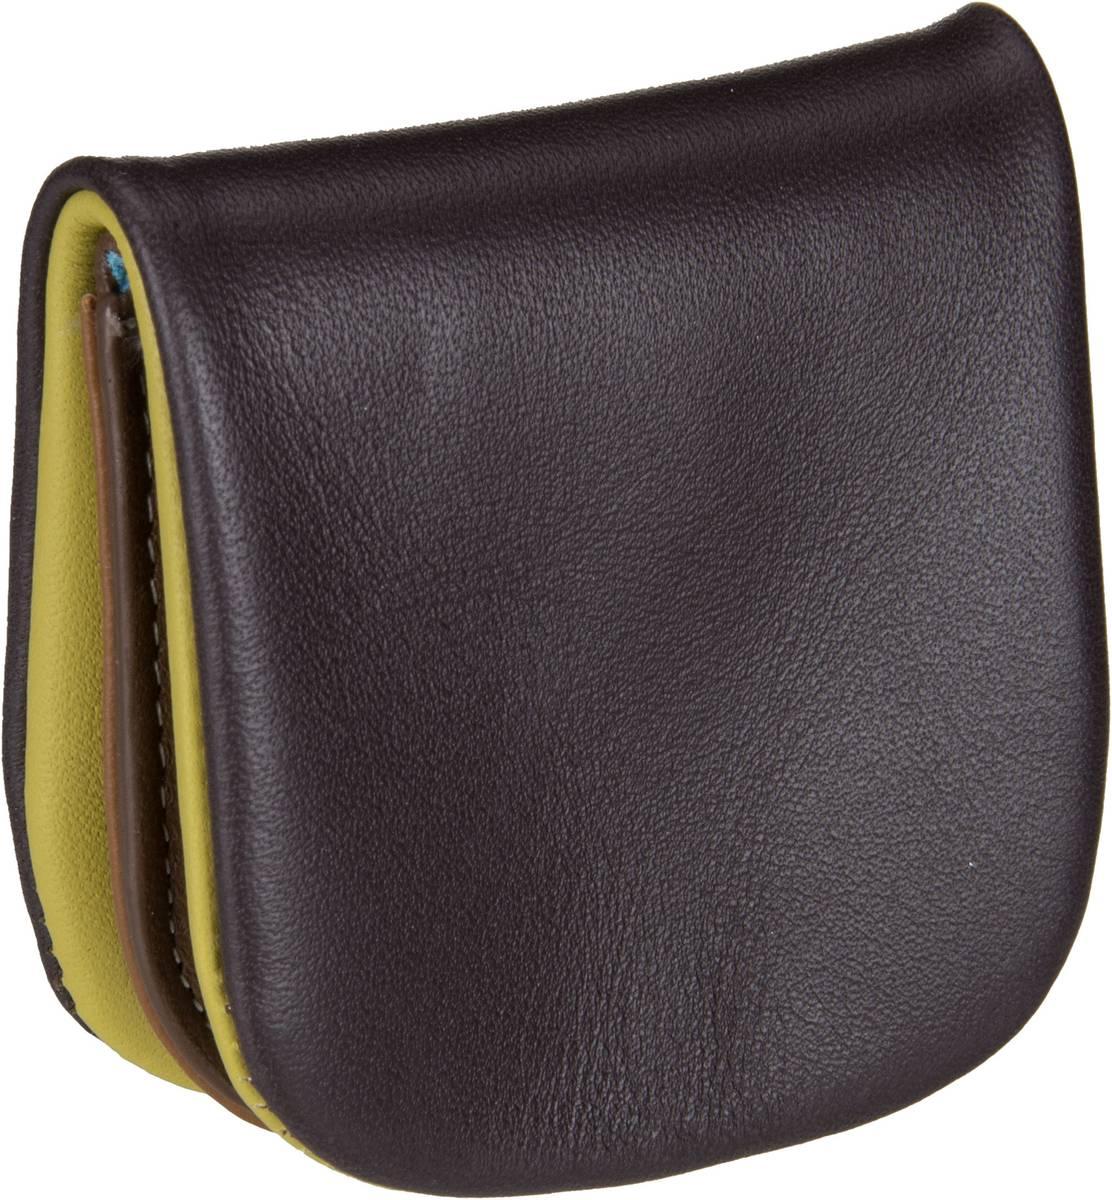 Geldboersen für Frauen - Mywalit Geldbörse Tray Purse Mocha  - Onlineshop Taschenkaufhaus